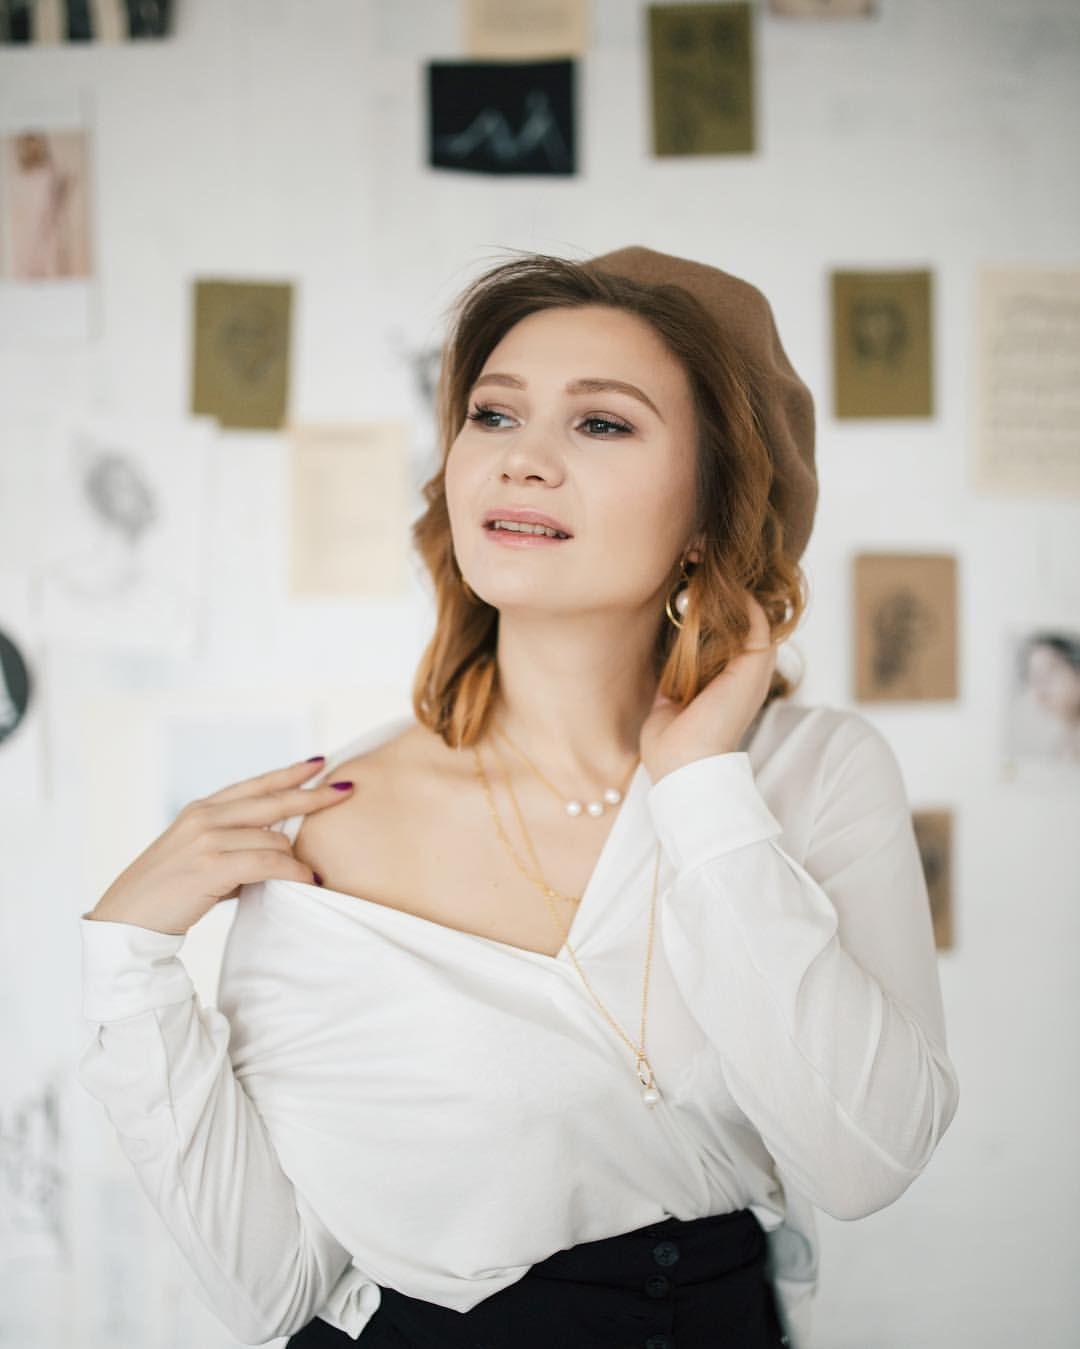 Работа девушке моделью татарск фотограф горловка